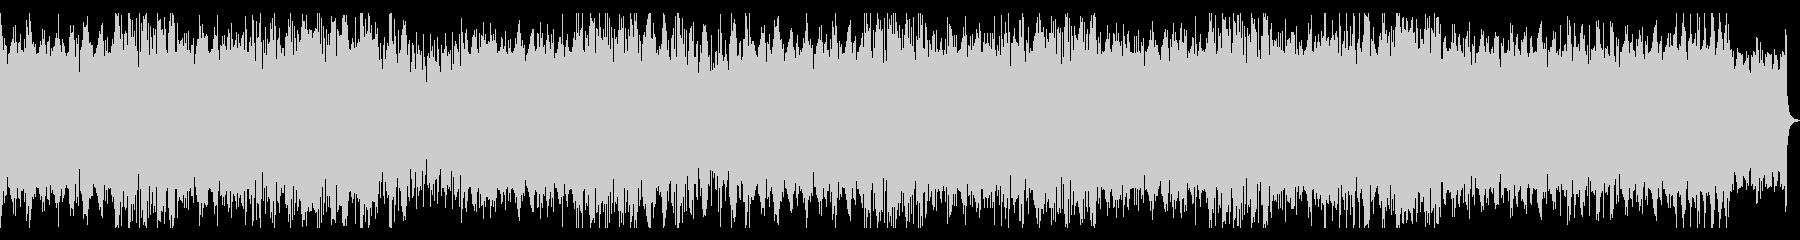 不思議でコミカルなピアノ楽曲の未再生の波形